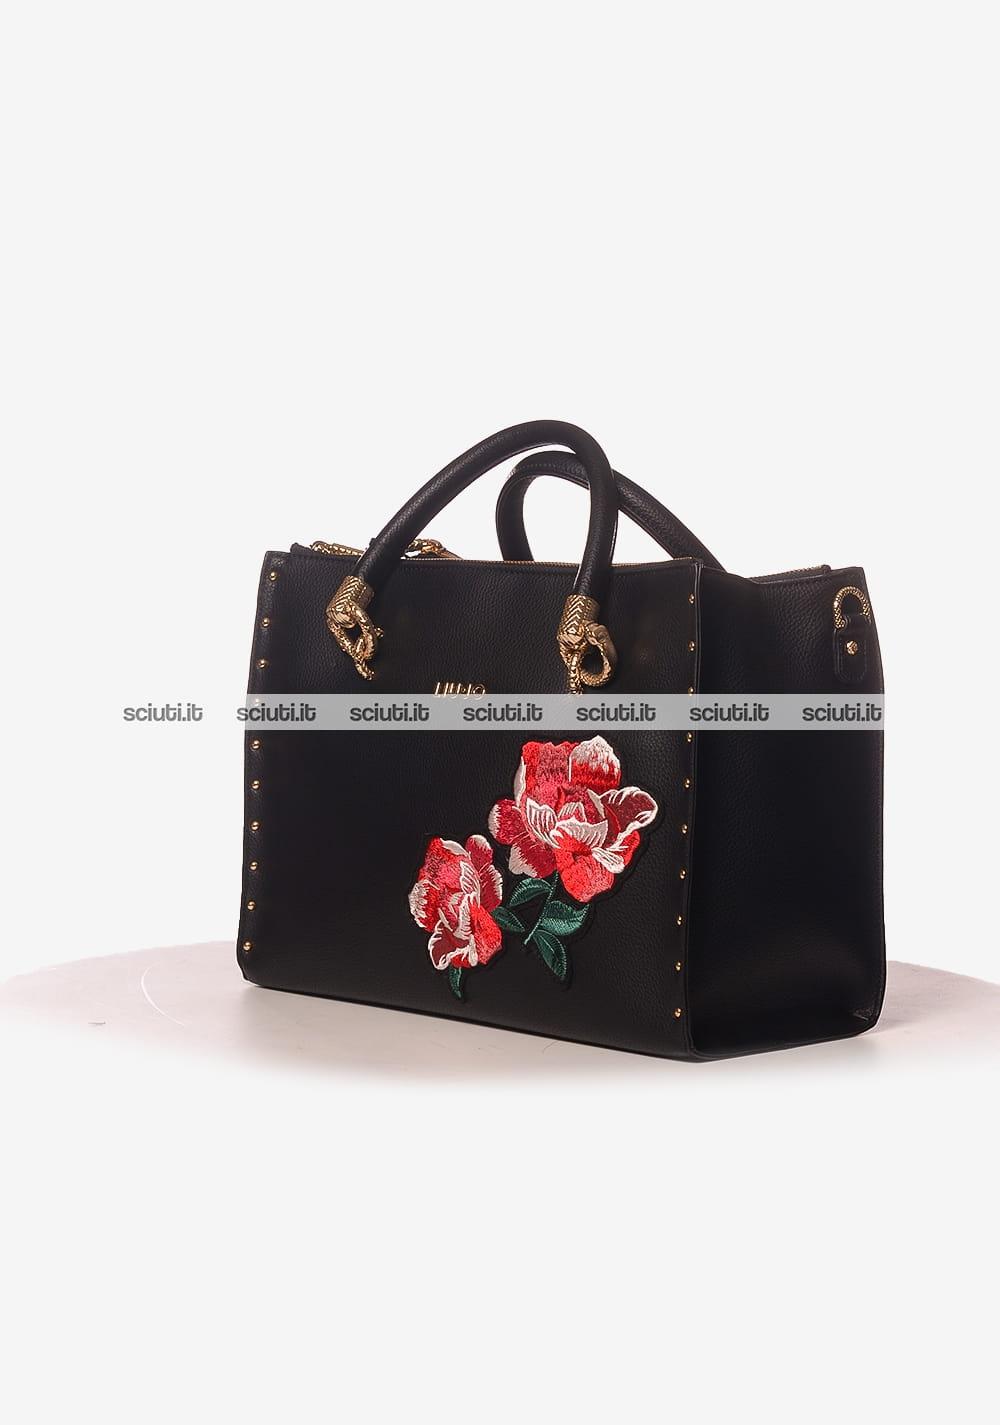 Borsa a mano Liu Jo donna Darsena doppia zip ricamo rose nero ... 950e4496c1a